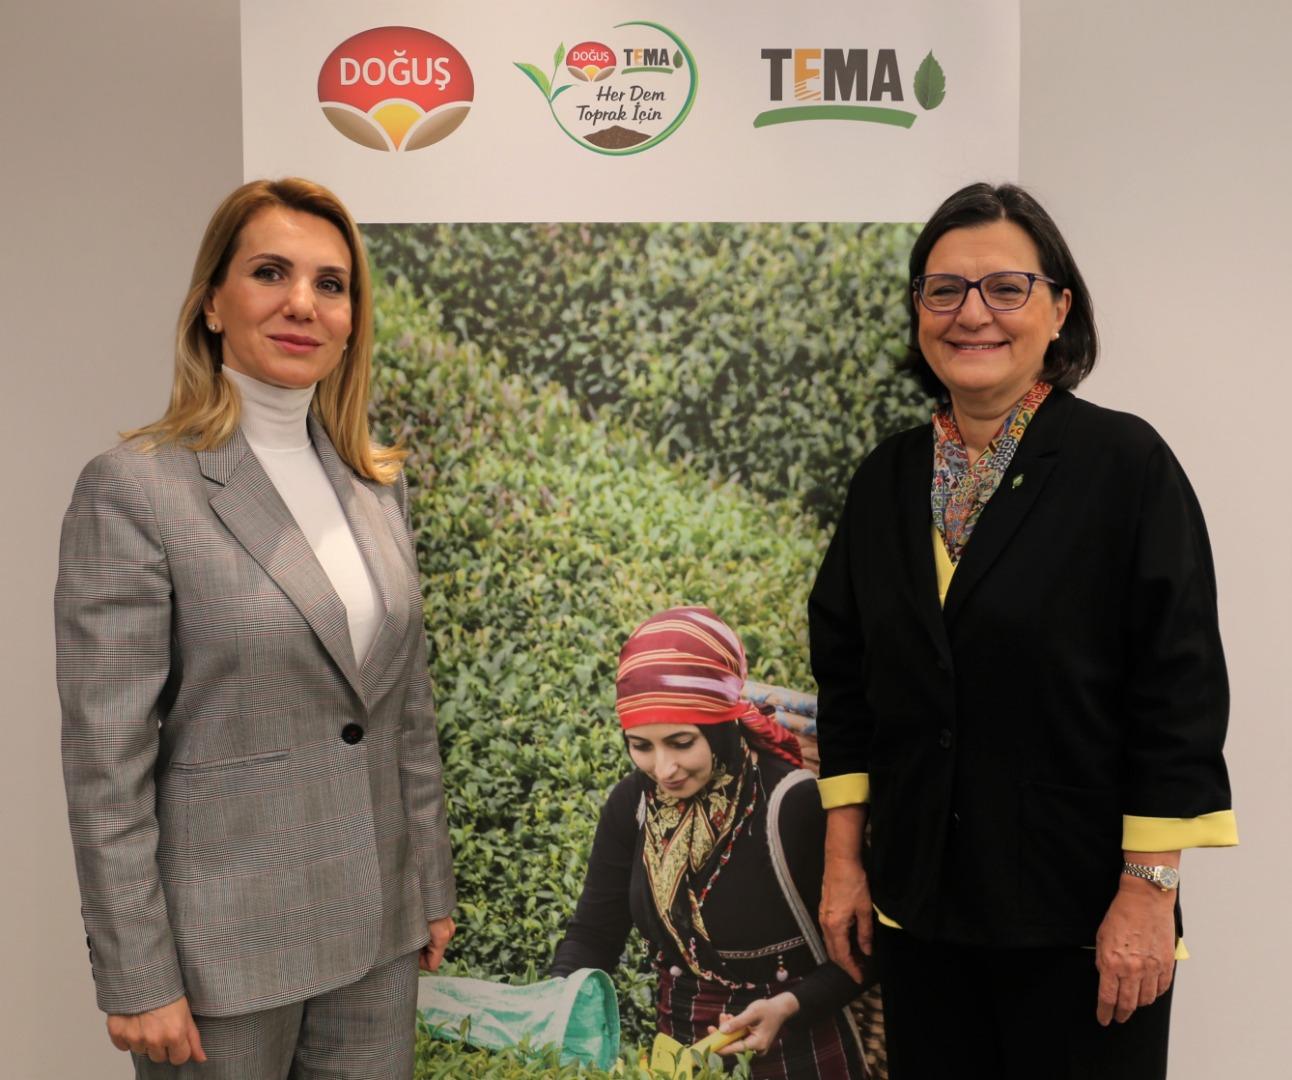 Doğuş Çay ve TEMA Vakfı'nın anlamlı projesi devam ediyor